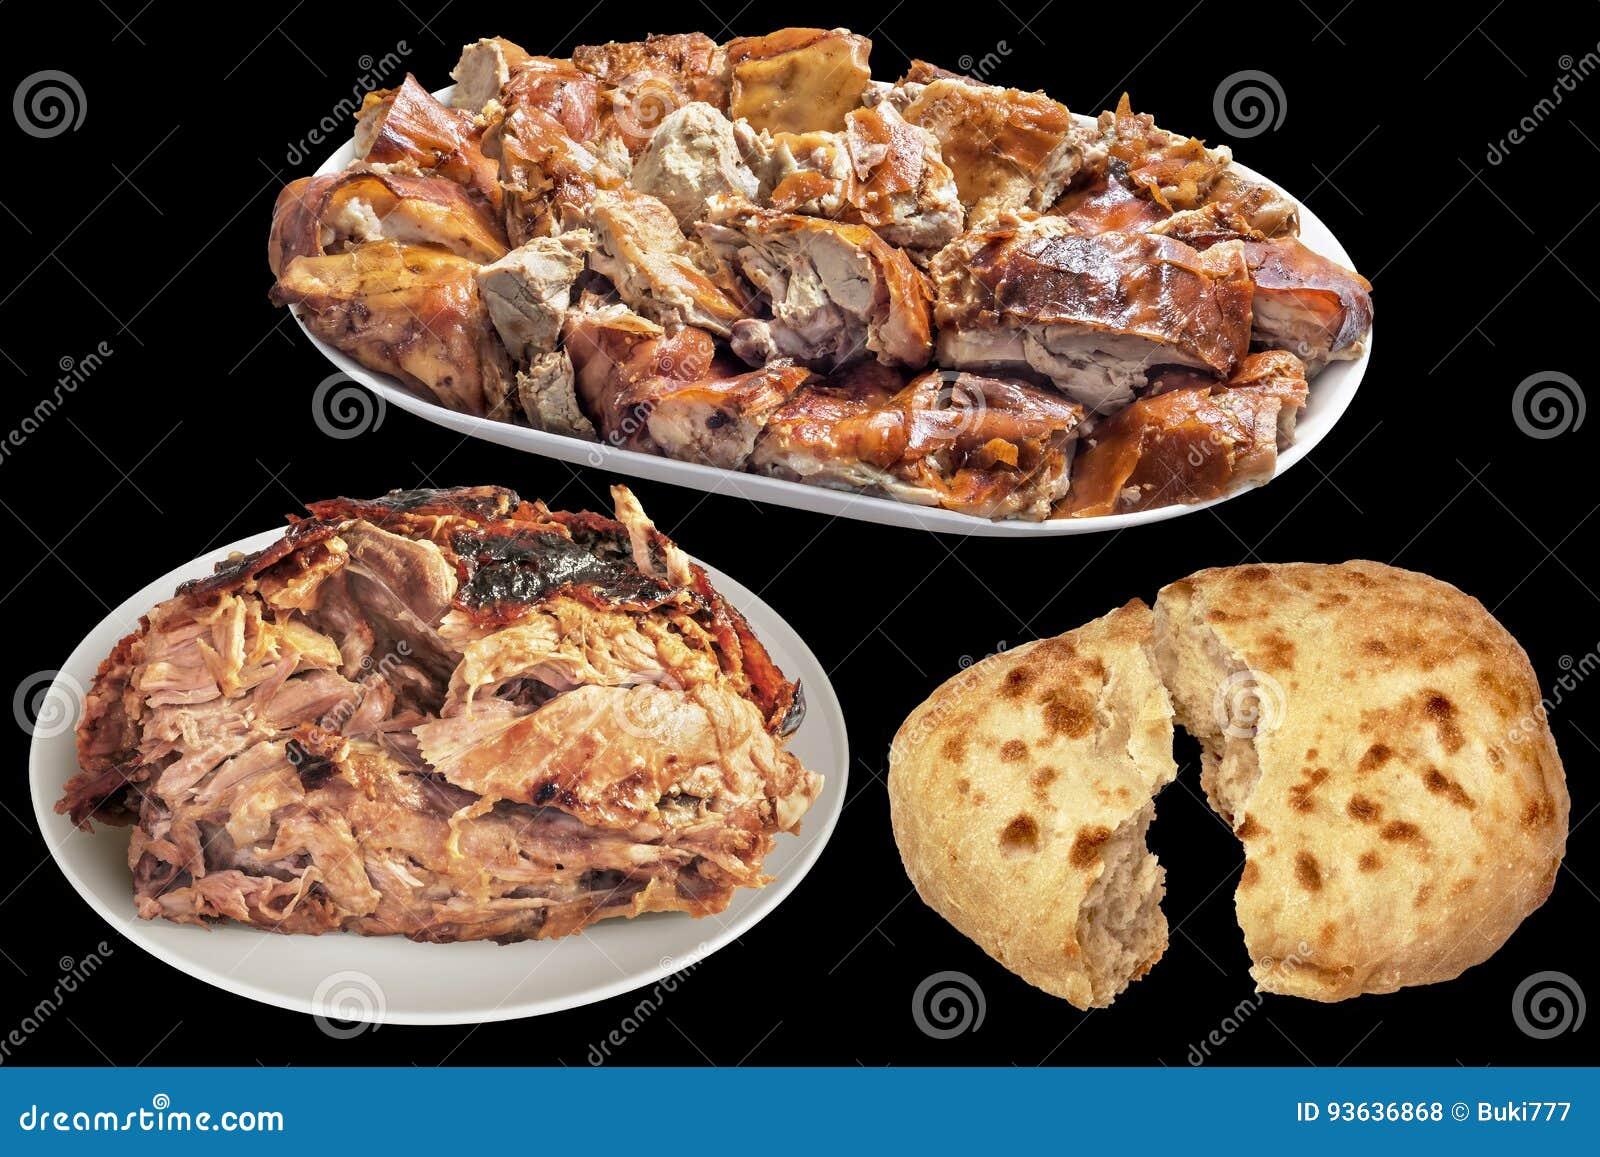 Tellervoll von feinschmeckerisches Spucken gebratenen Schweinefleisch-Scheiben und saftigem von Ferkel-Ham With Pitta Bread Torn-